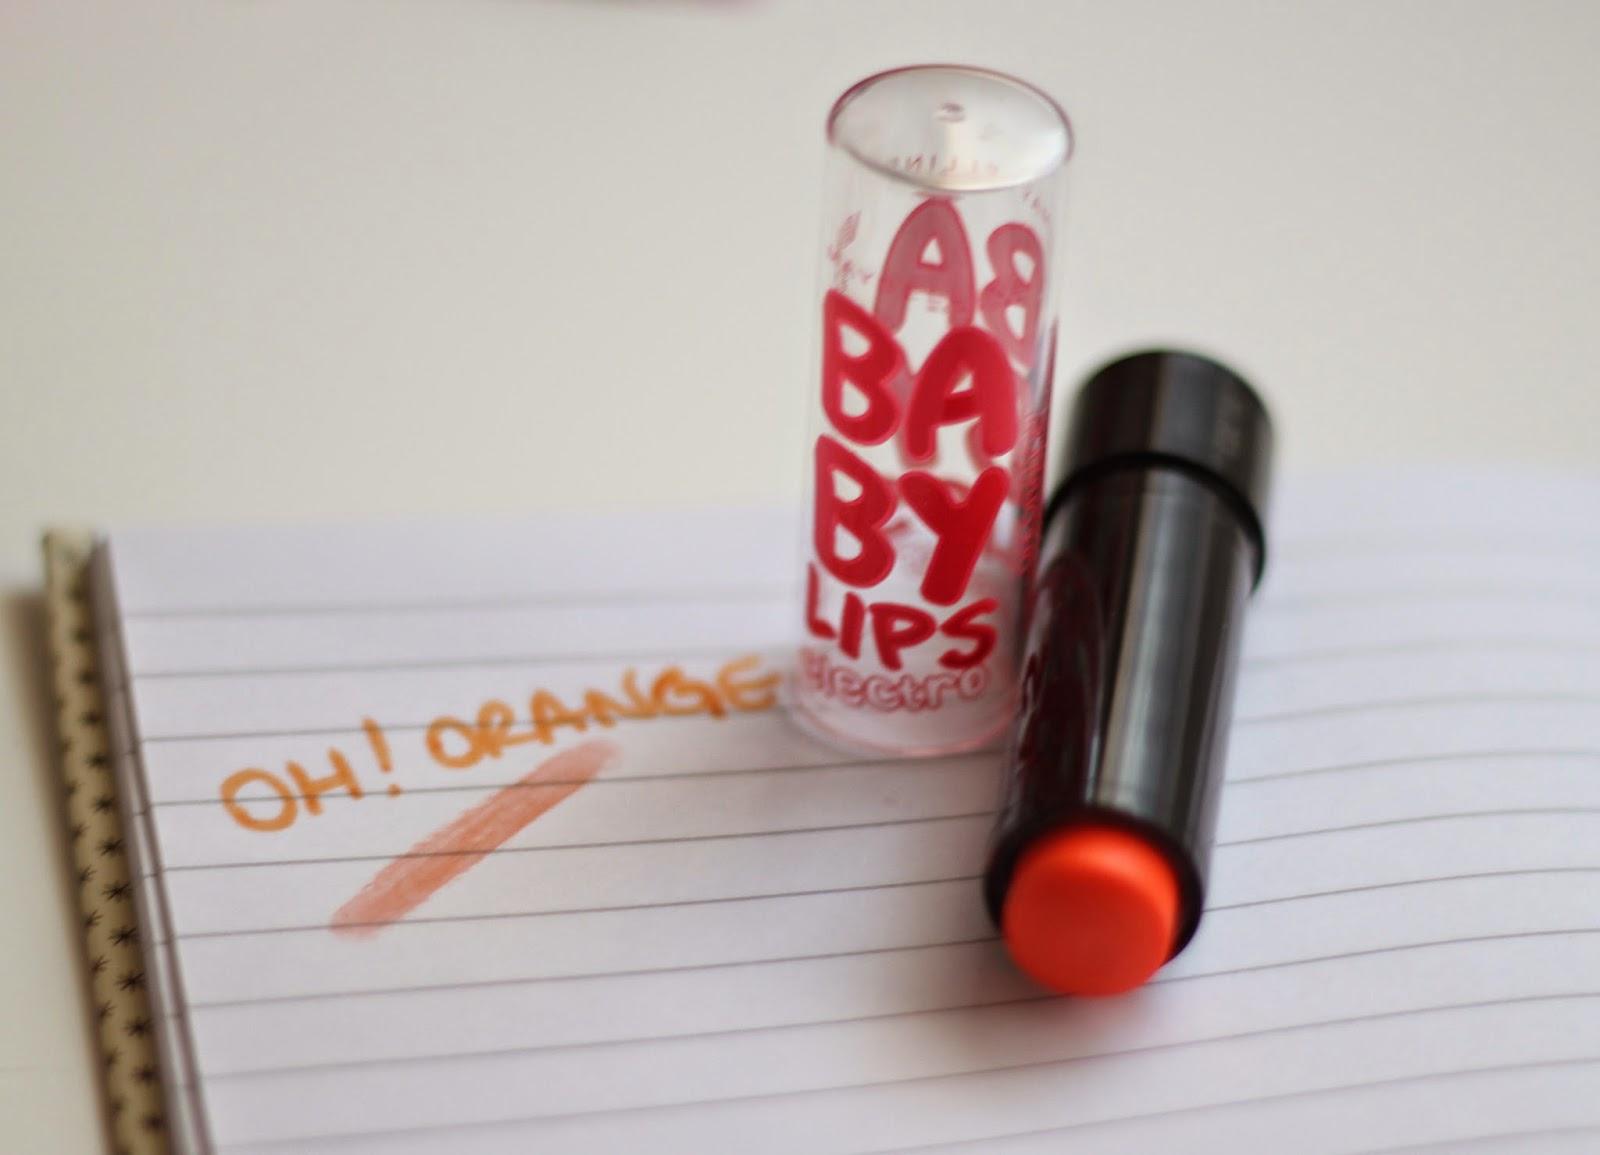 photo-baby_lips-electro-maybelline_ny-oh_orange